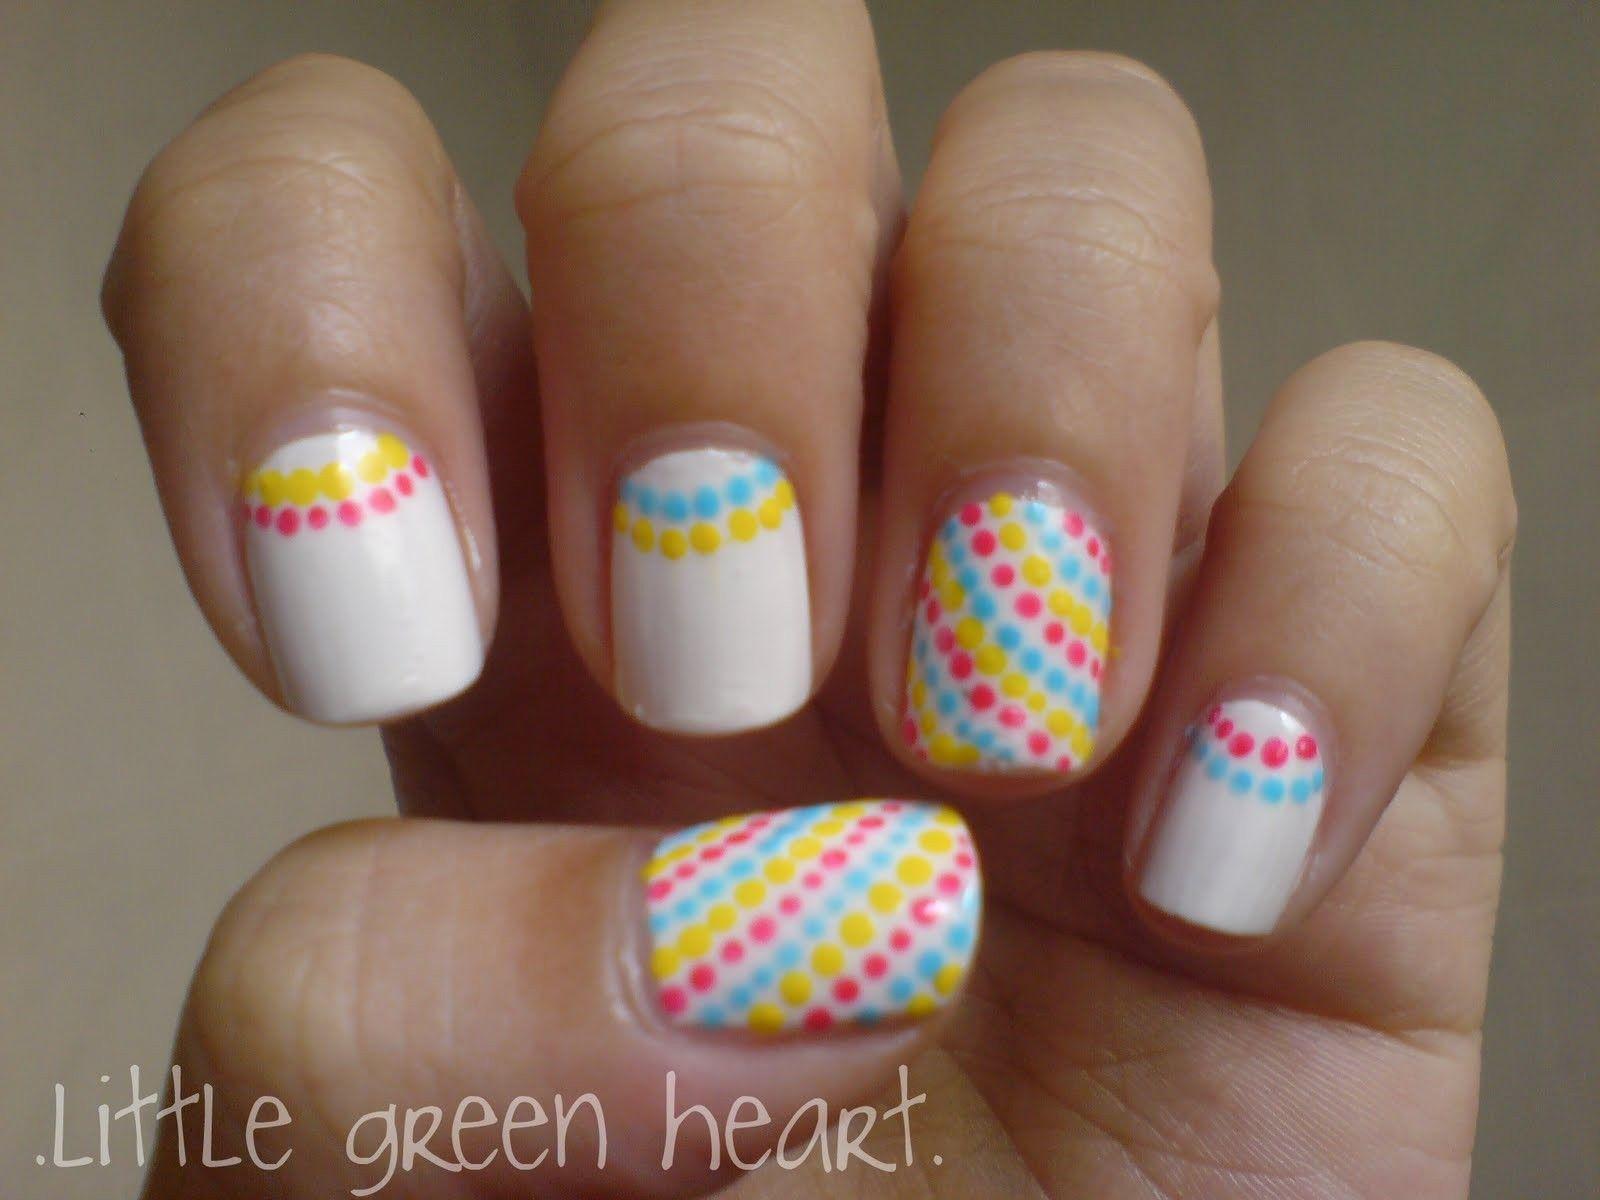 Cute Nail Art For Short Nails Nails Pinterest Short Nails